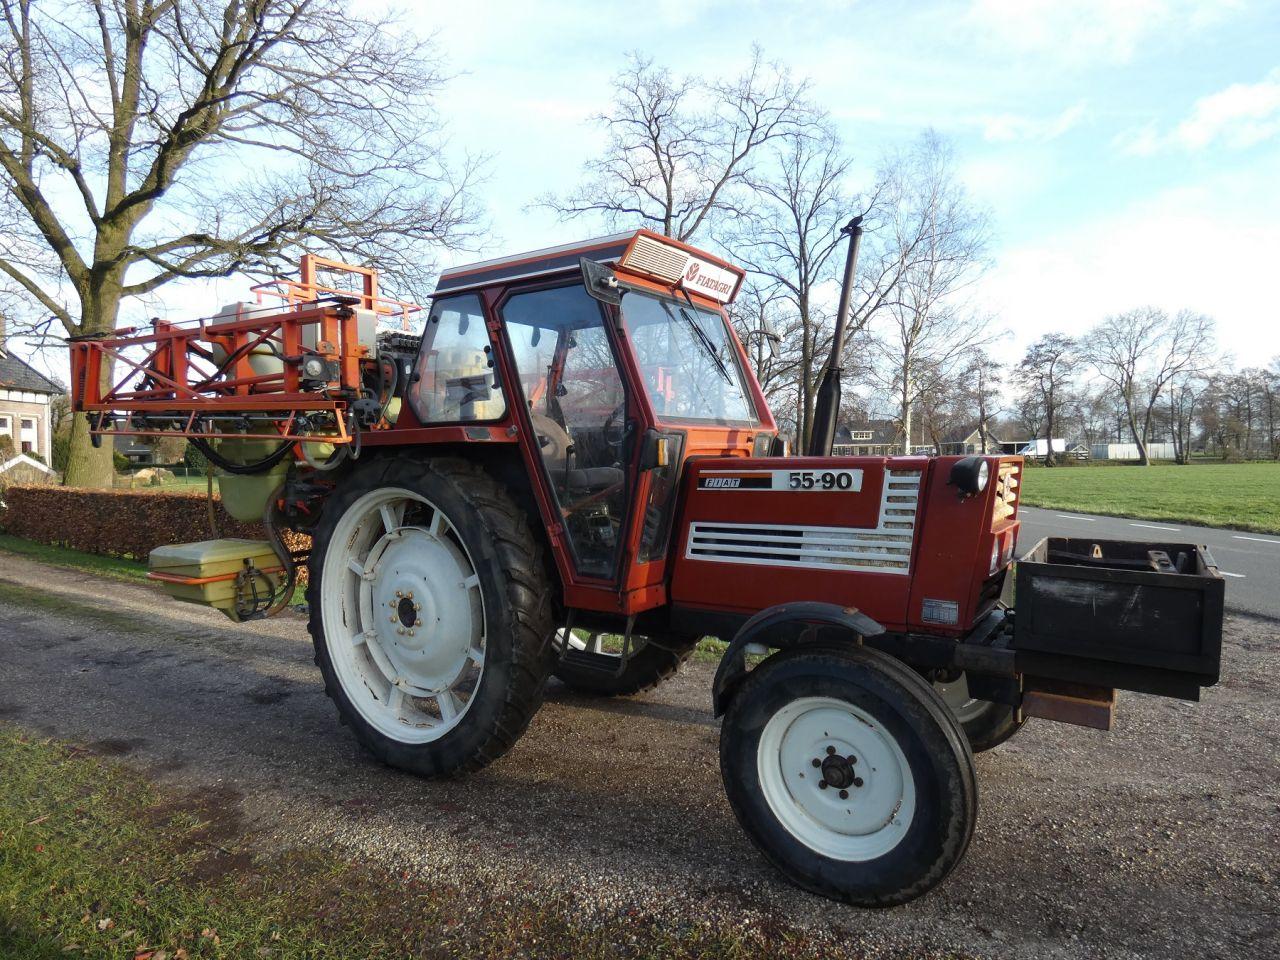 FIAT tractor (type 55-90) met DOUVEN veldspuit (16,5 meter)